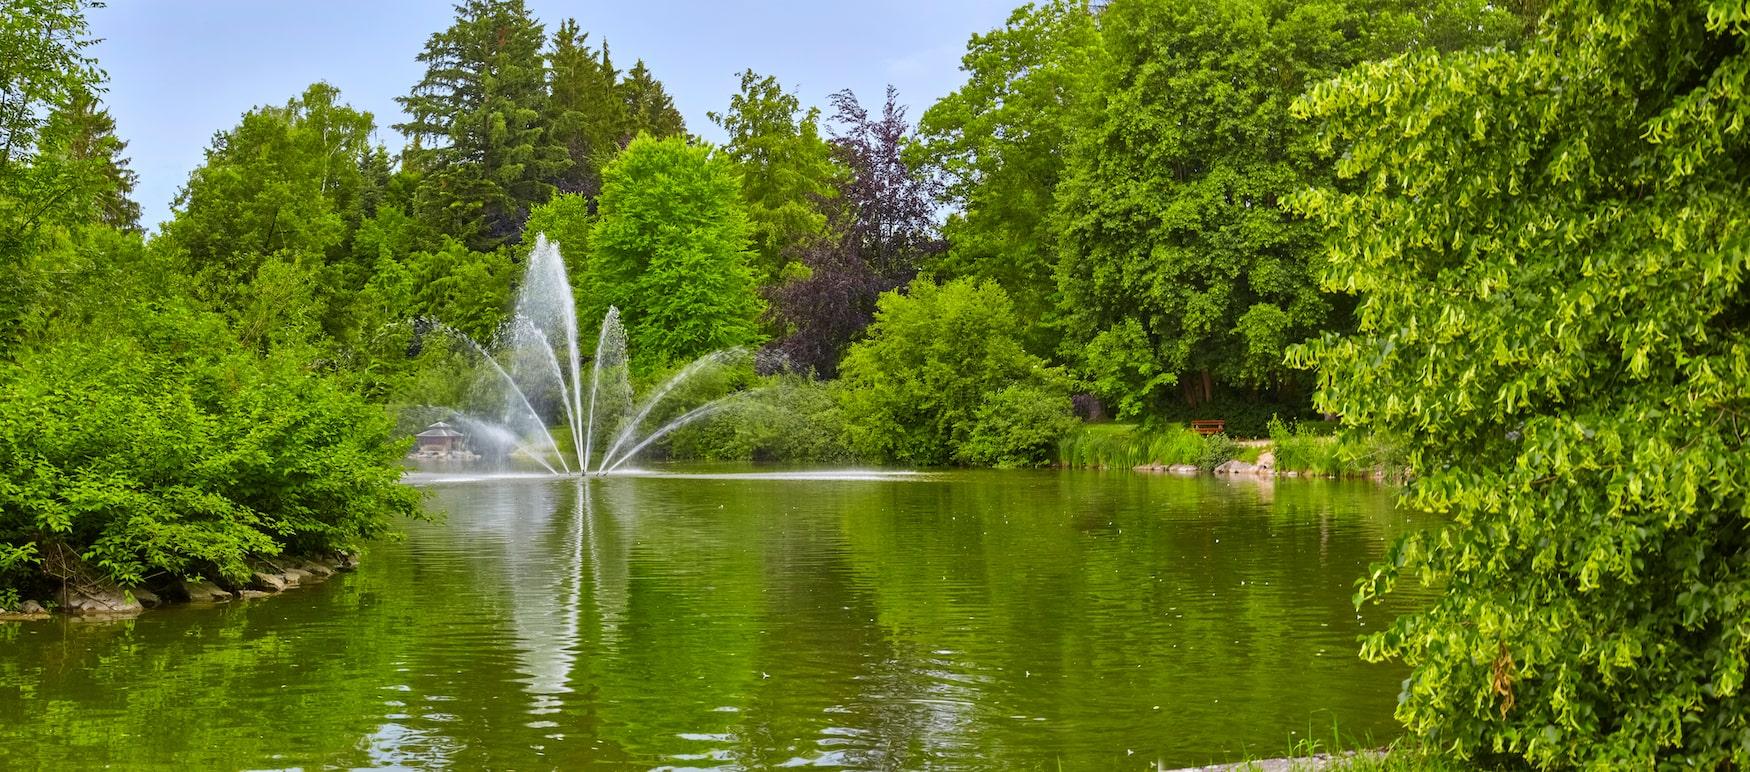 Einer der besten Kurparks in Bayern ist der in Bad Wörishofen